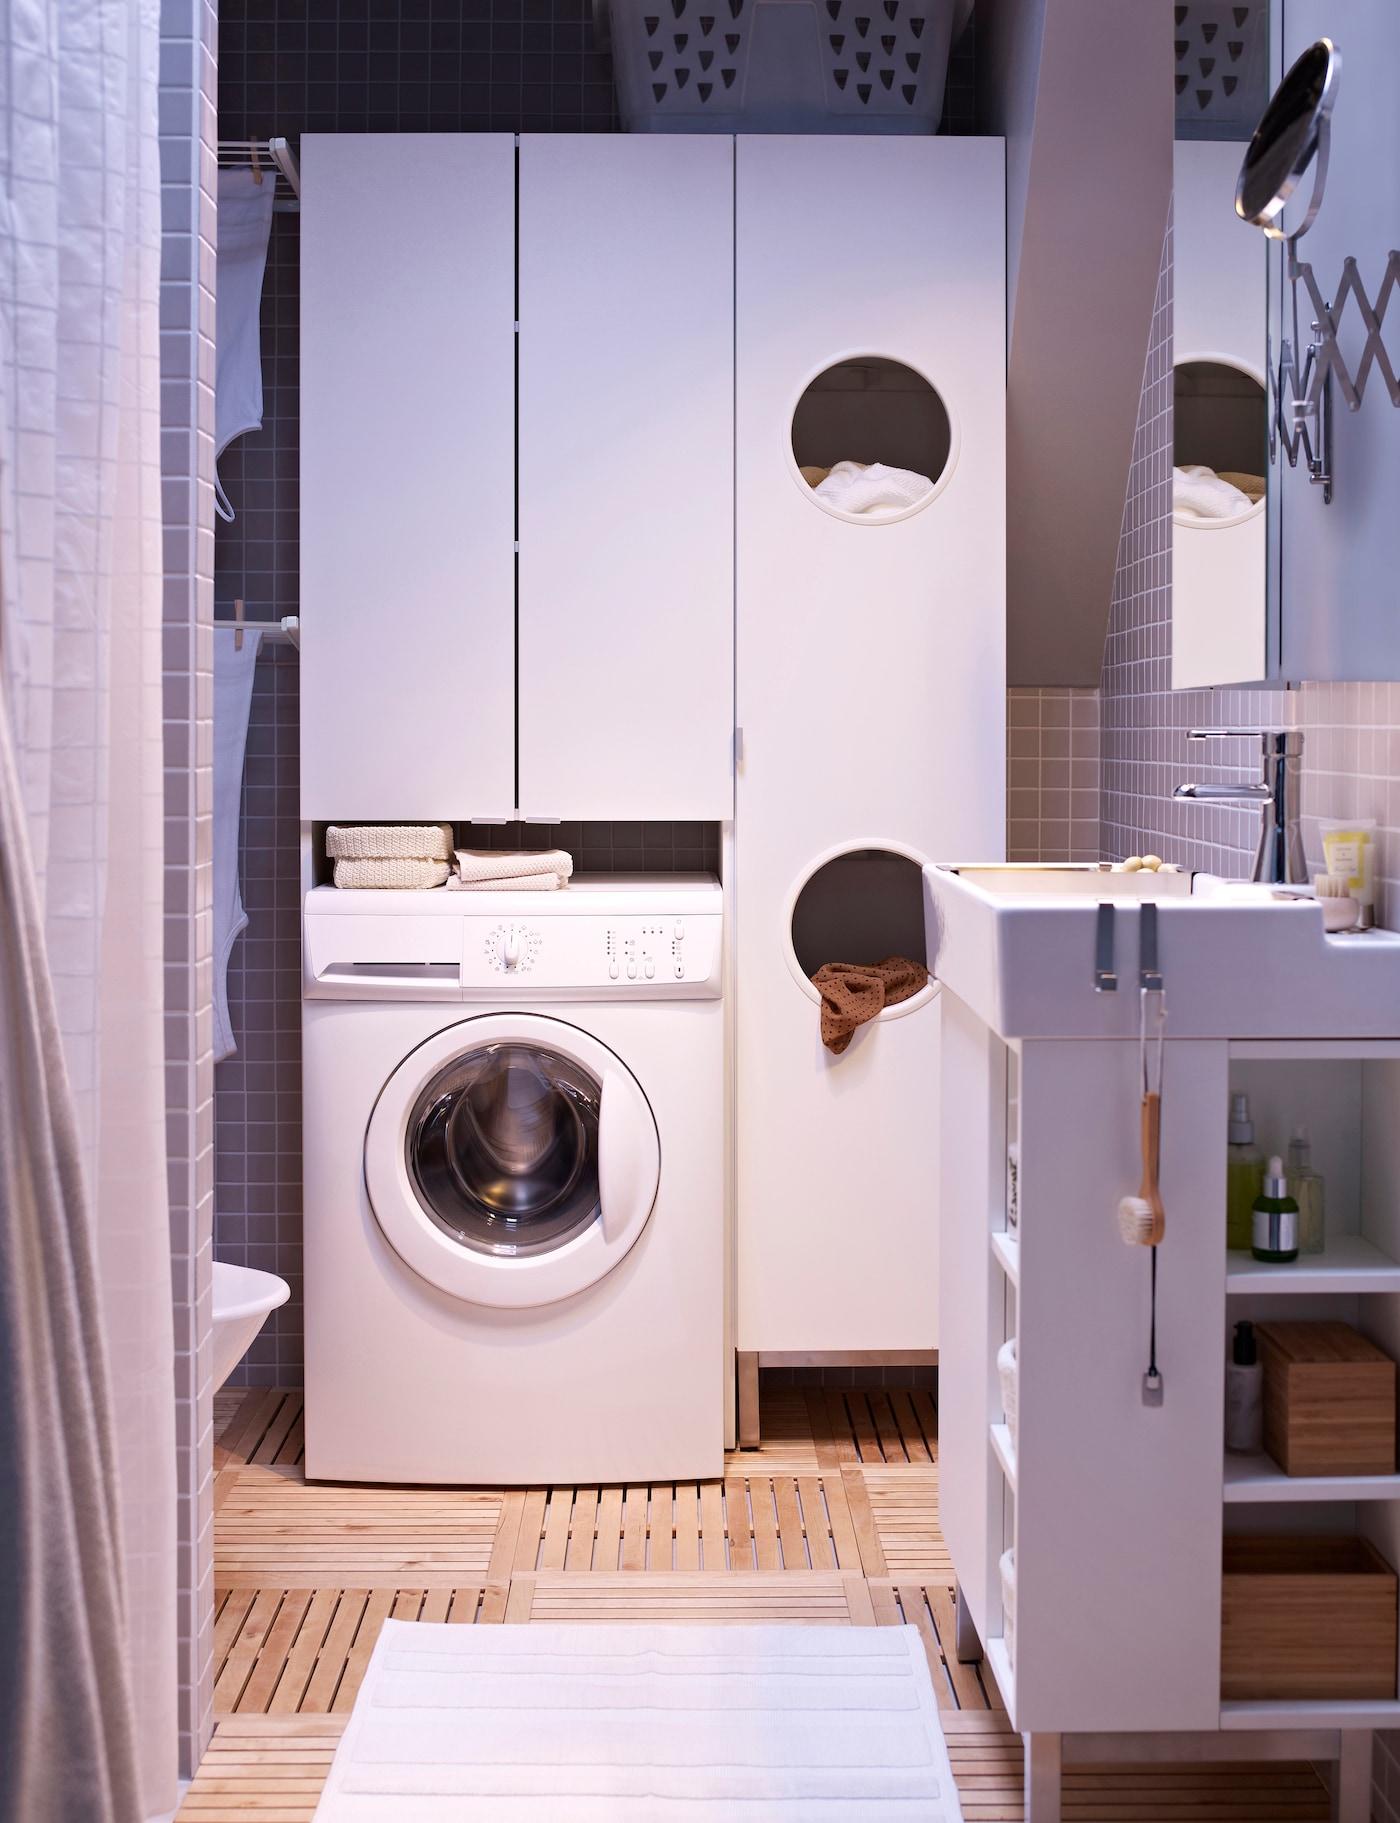 IKEA LILLÅNGEN smala tvättskåp i vitt i ett badrum med vit badrumsinredning. Under skåpet står en tvättmaskin placerad.